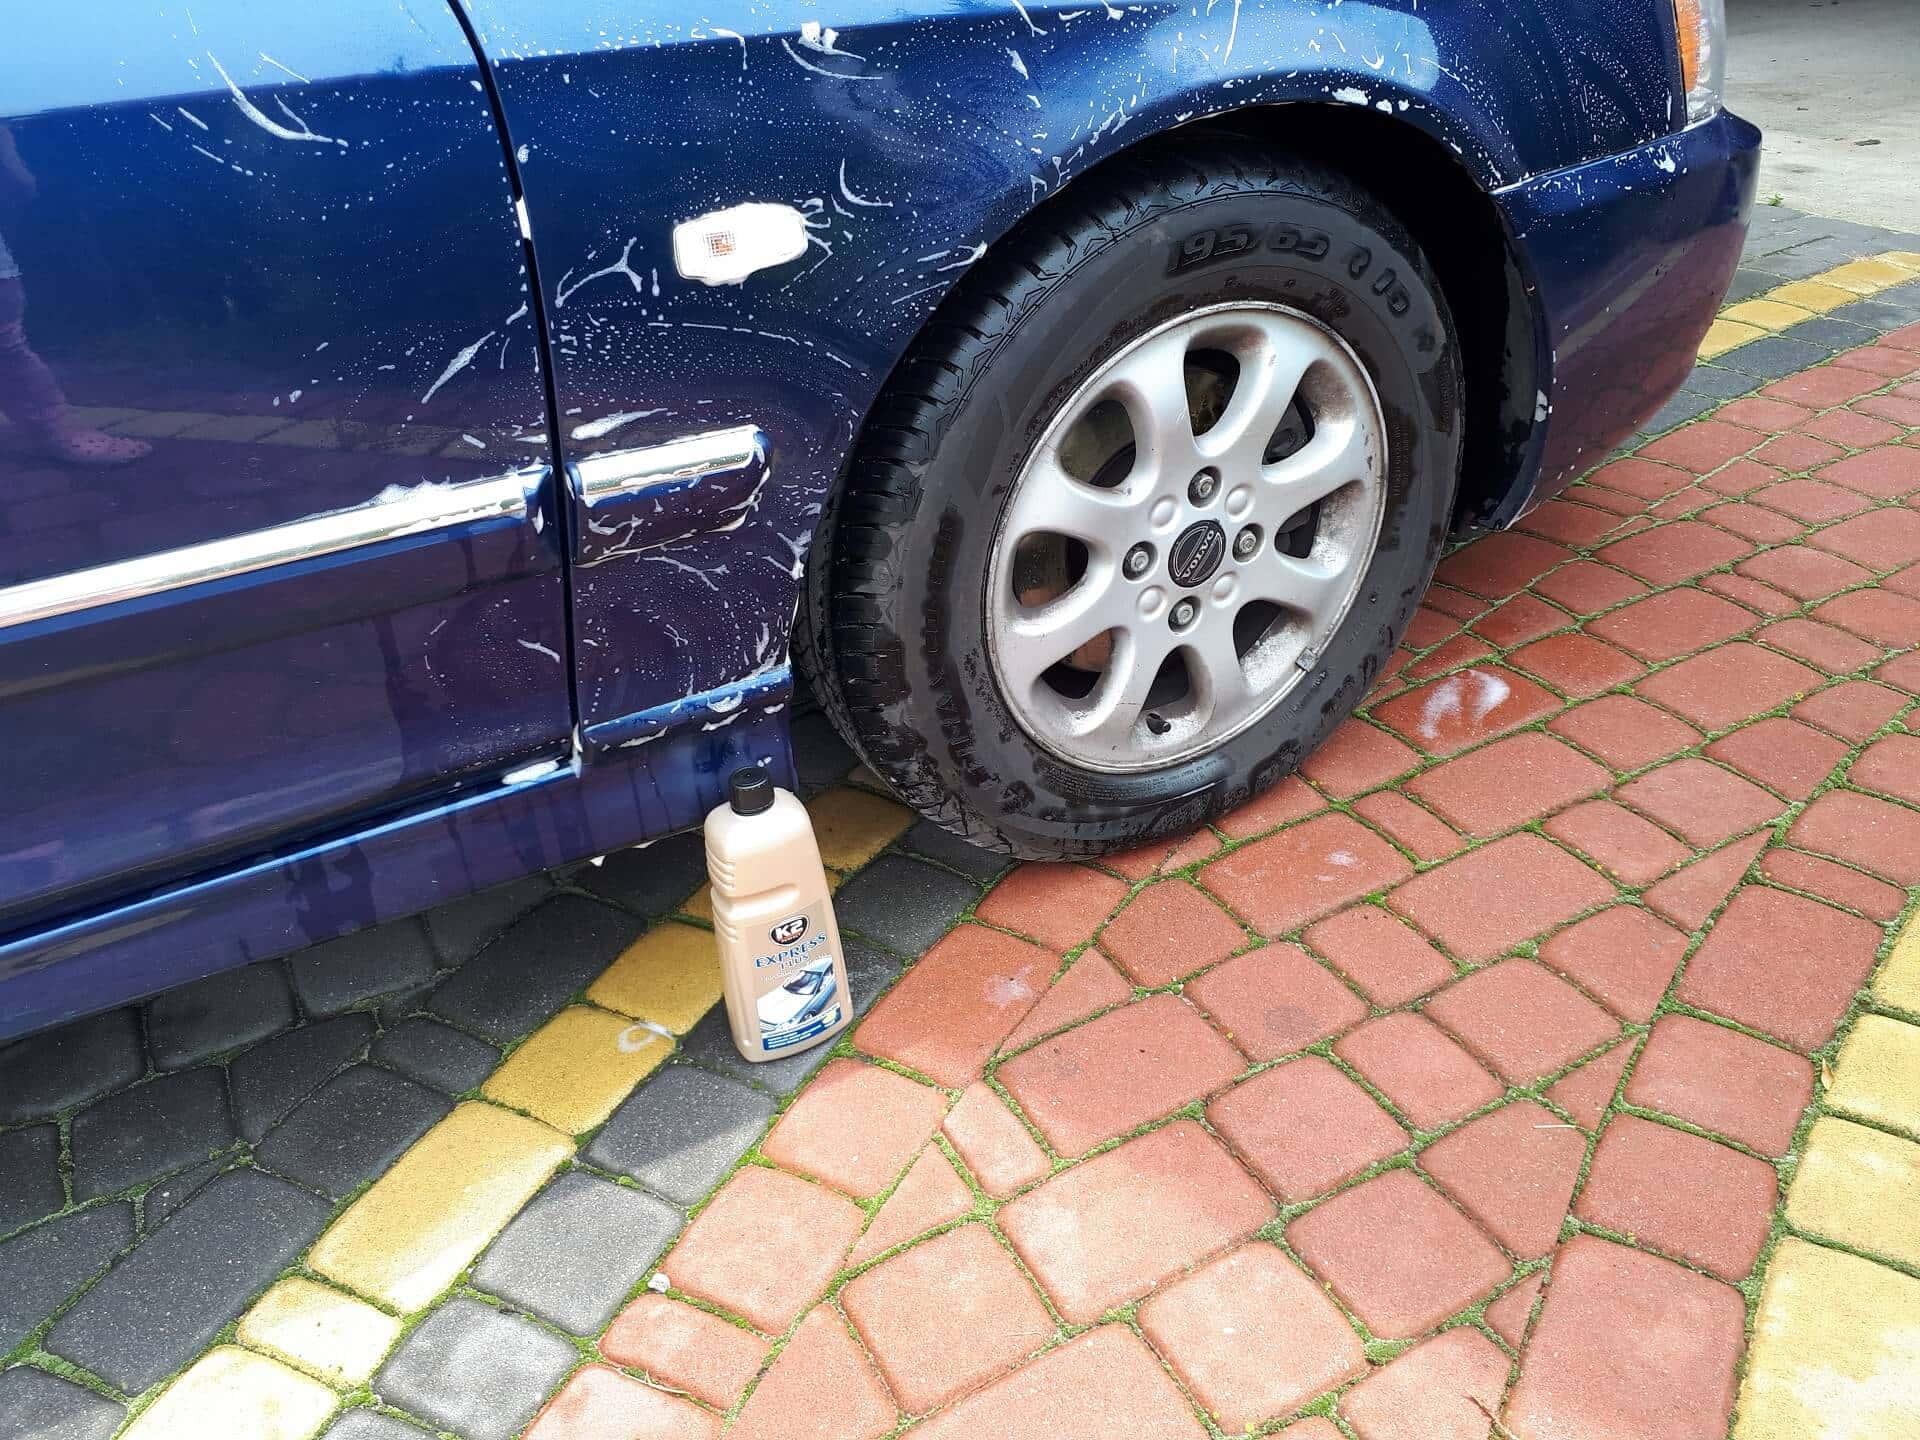 Mycie auta szamponem samochodowym.